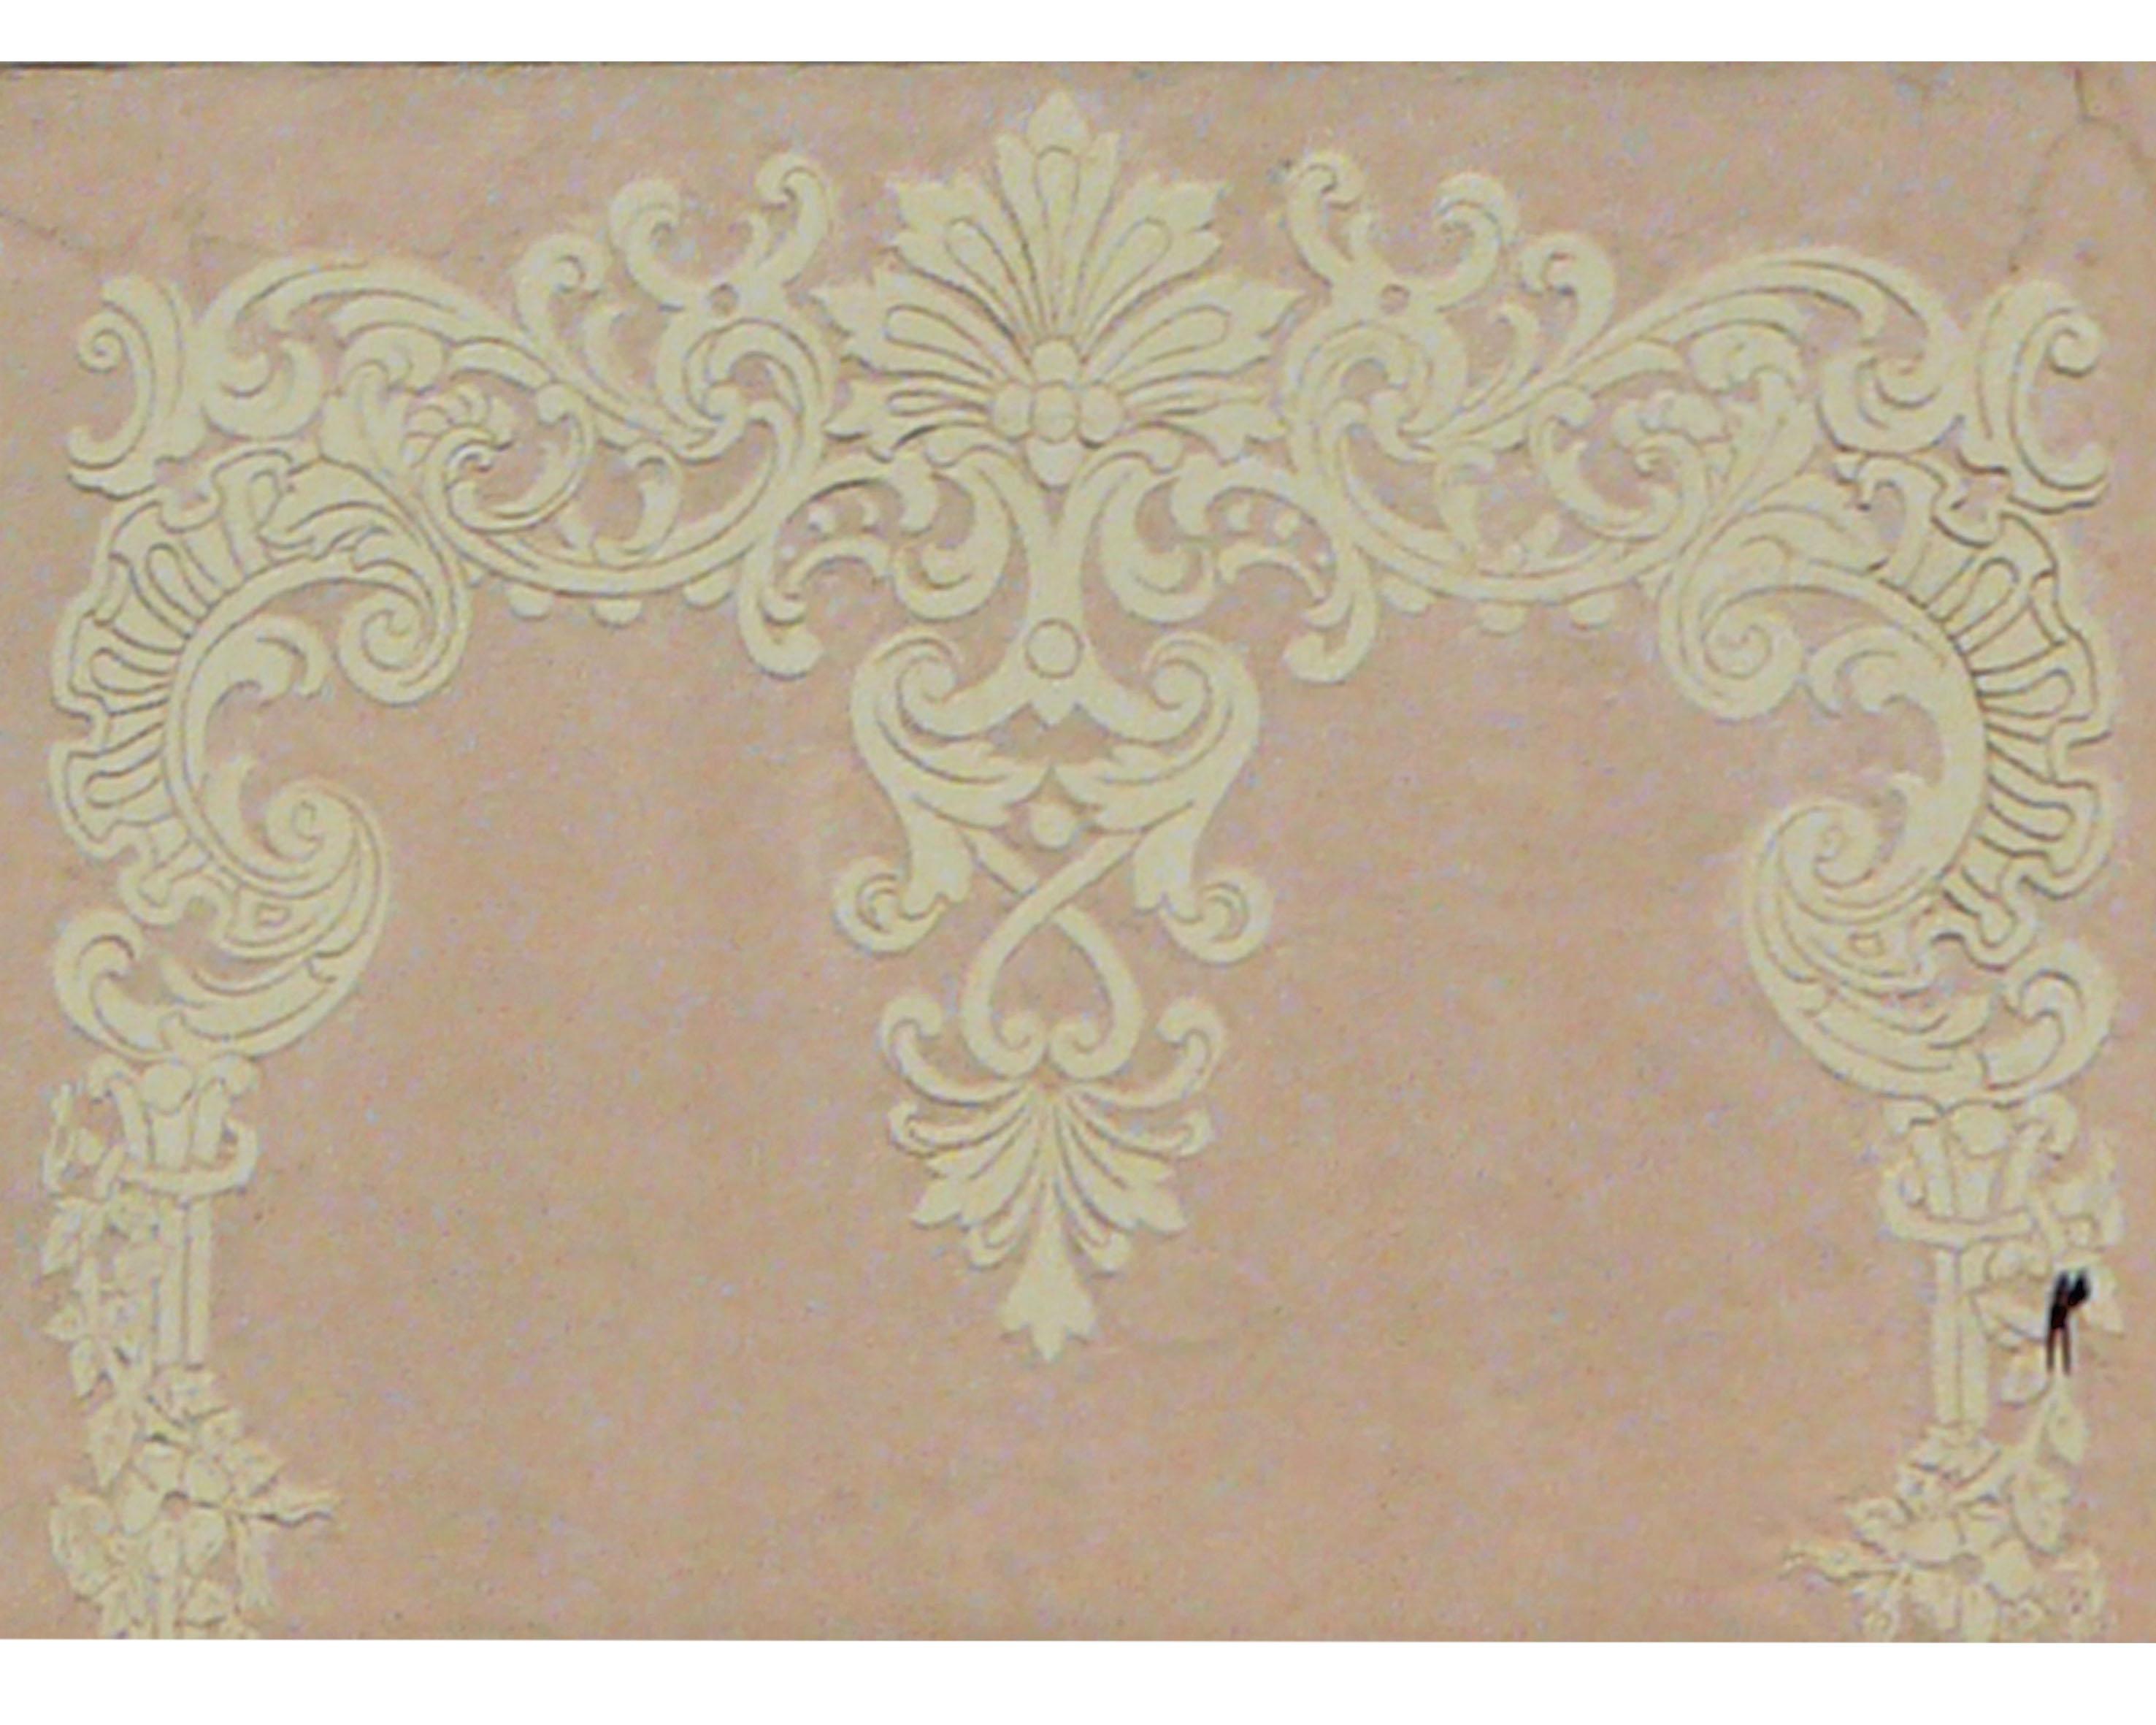 achitecture baroque motifs patterns details flowers fleurs. Black Bedroom Furniture Sets. Home Design Ideas